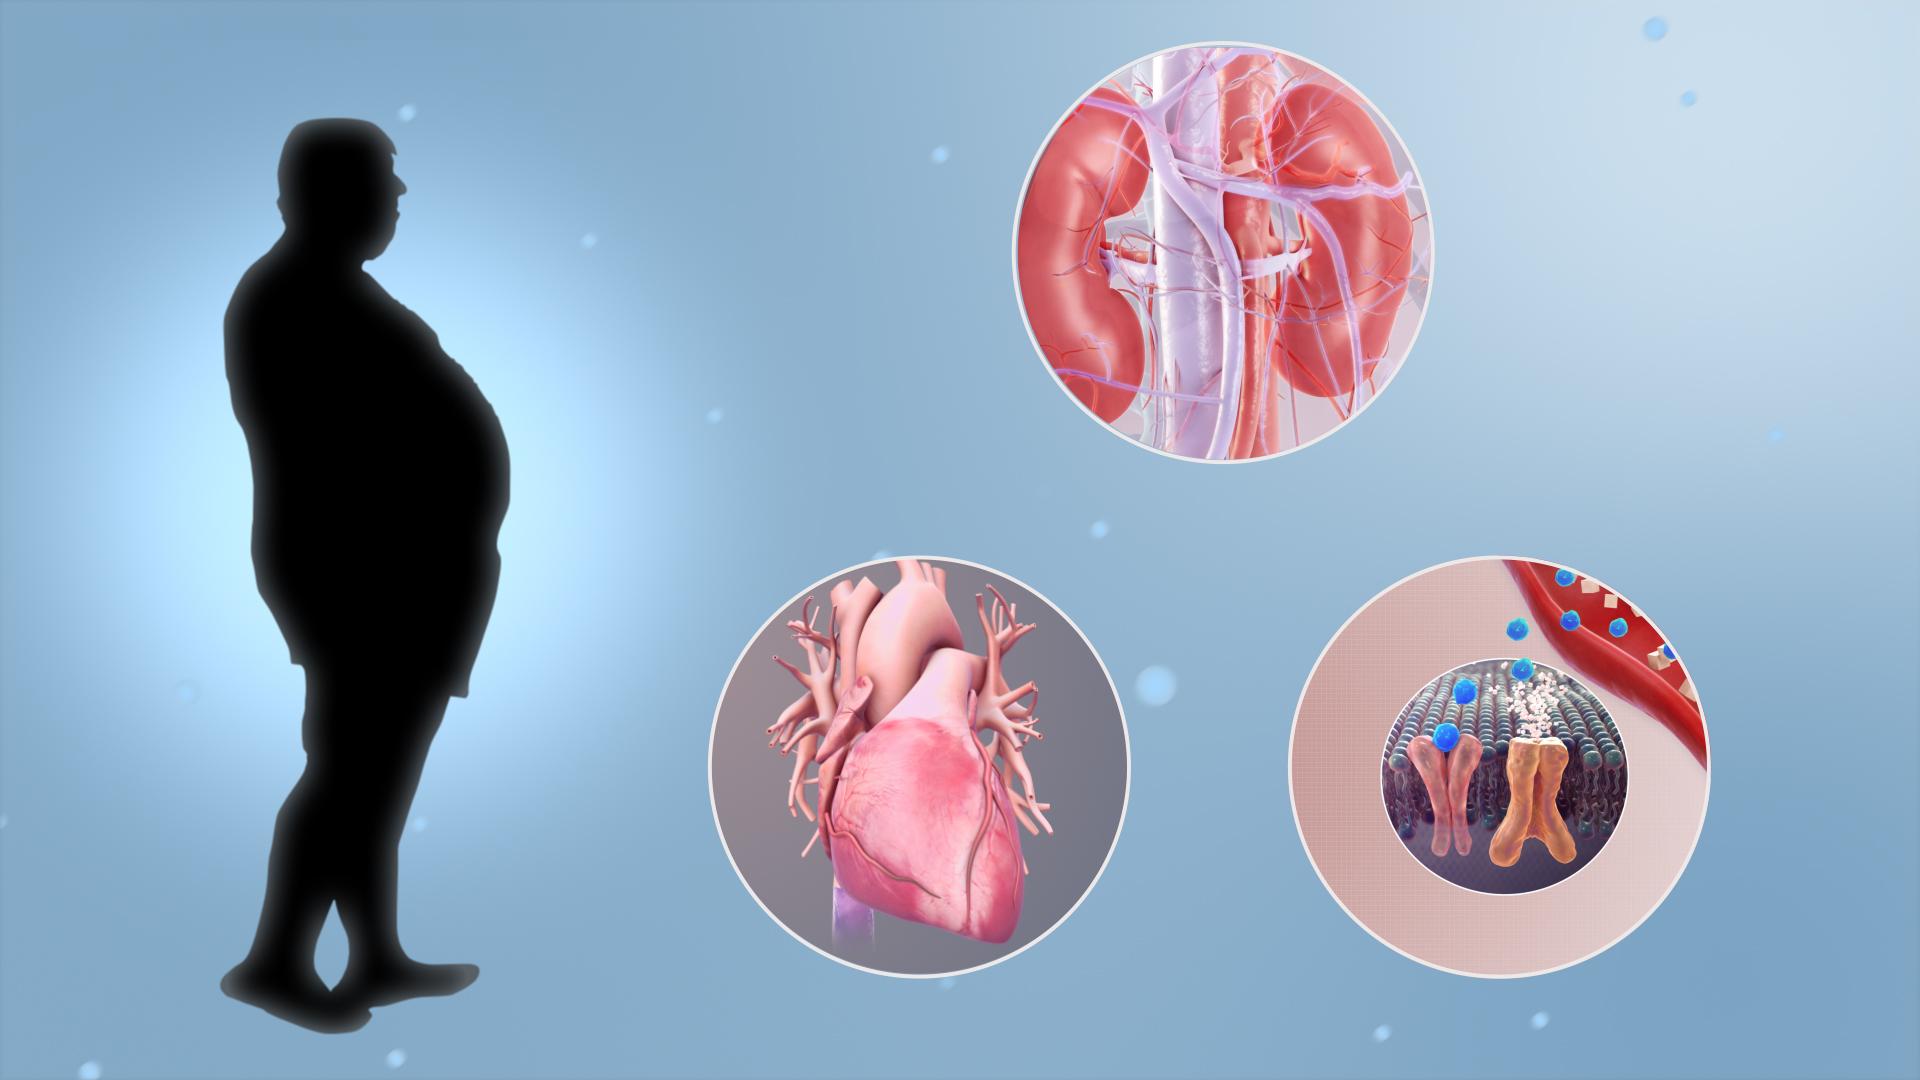 Метаболический синдром: как избавиться раз и навсегда?